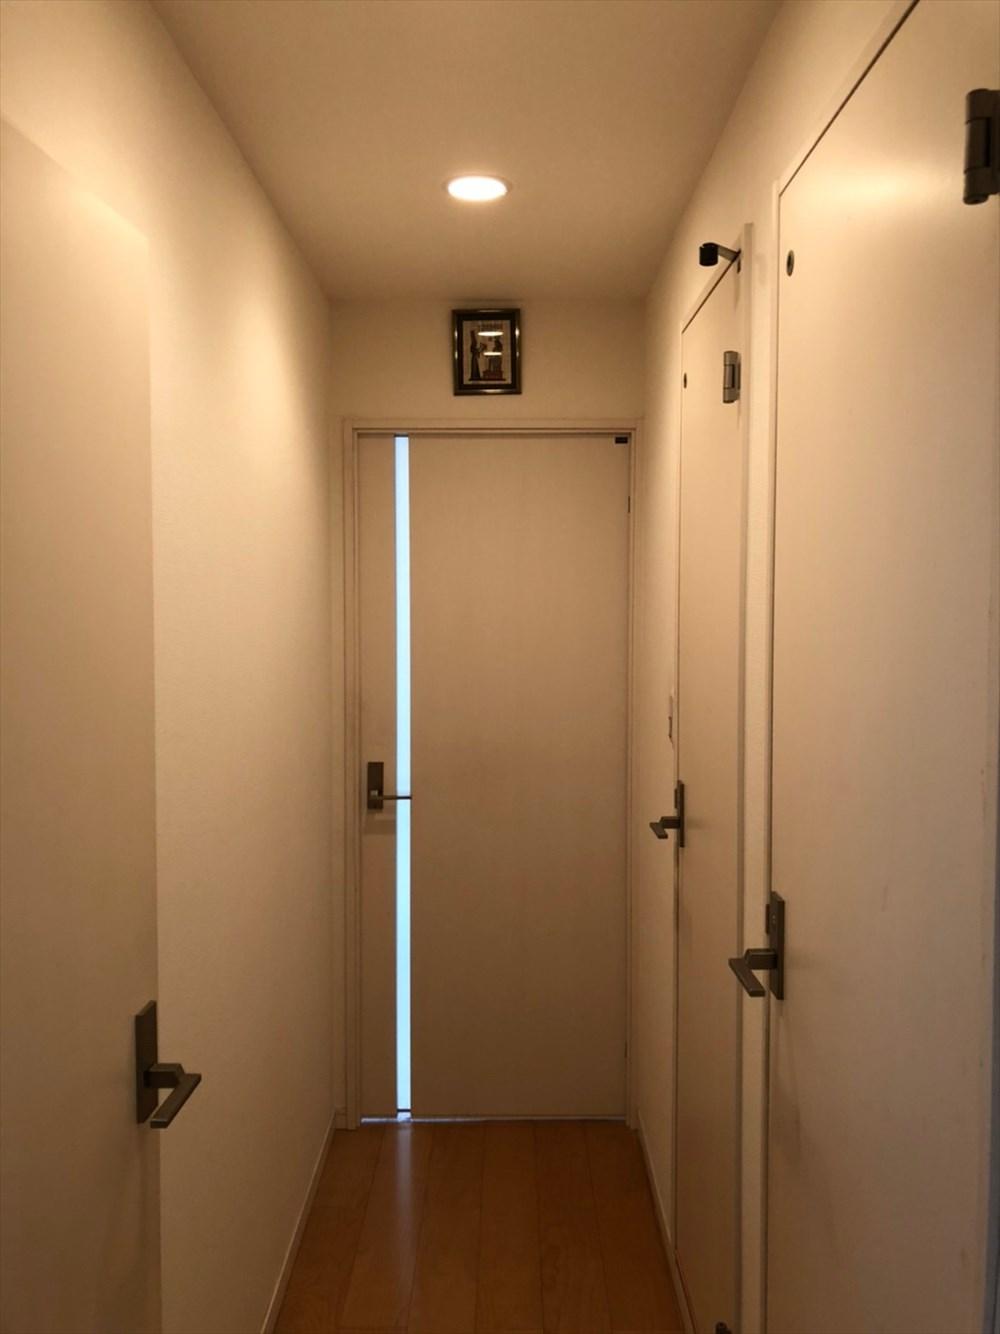 扉の閉まり方、採光の確認 リノベーション横浜